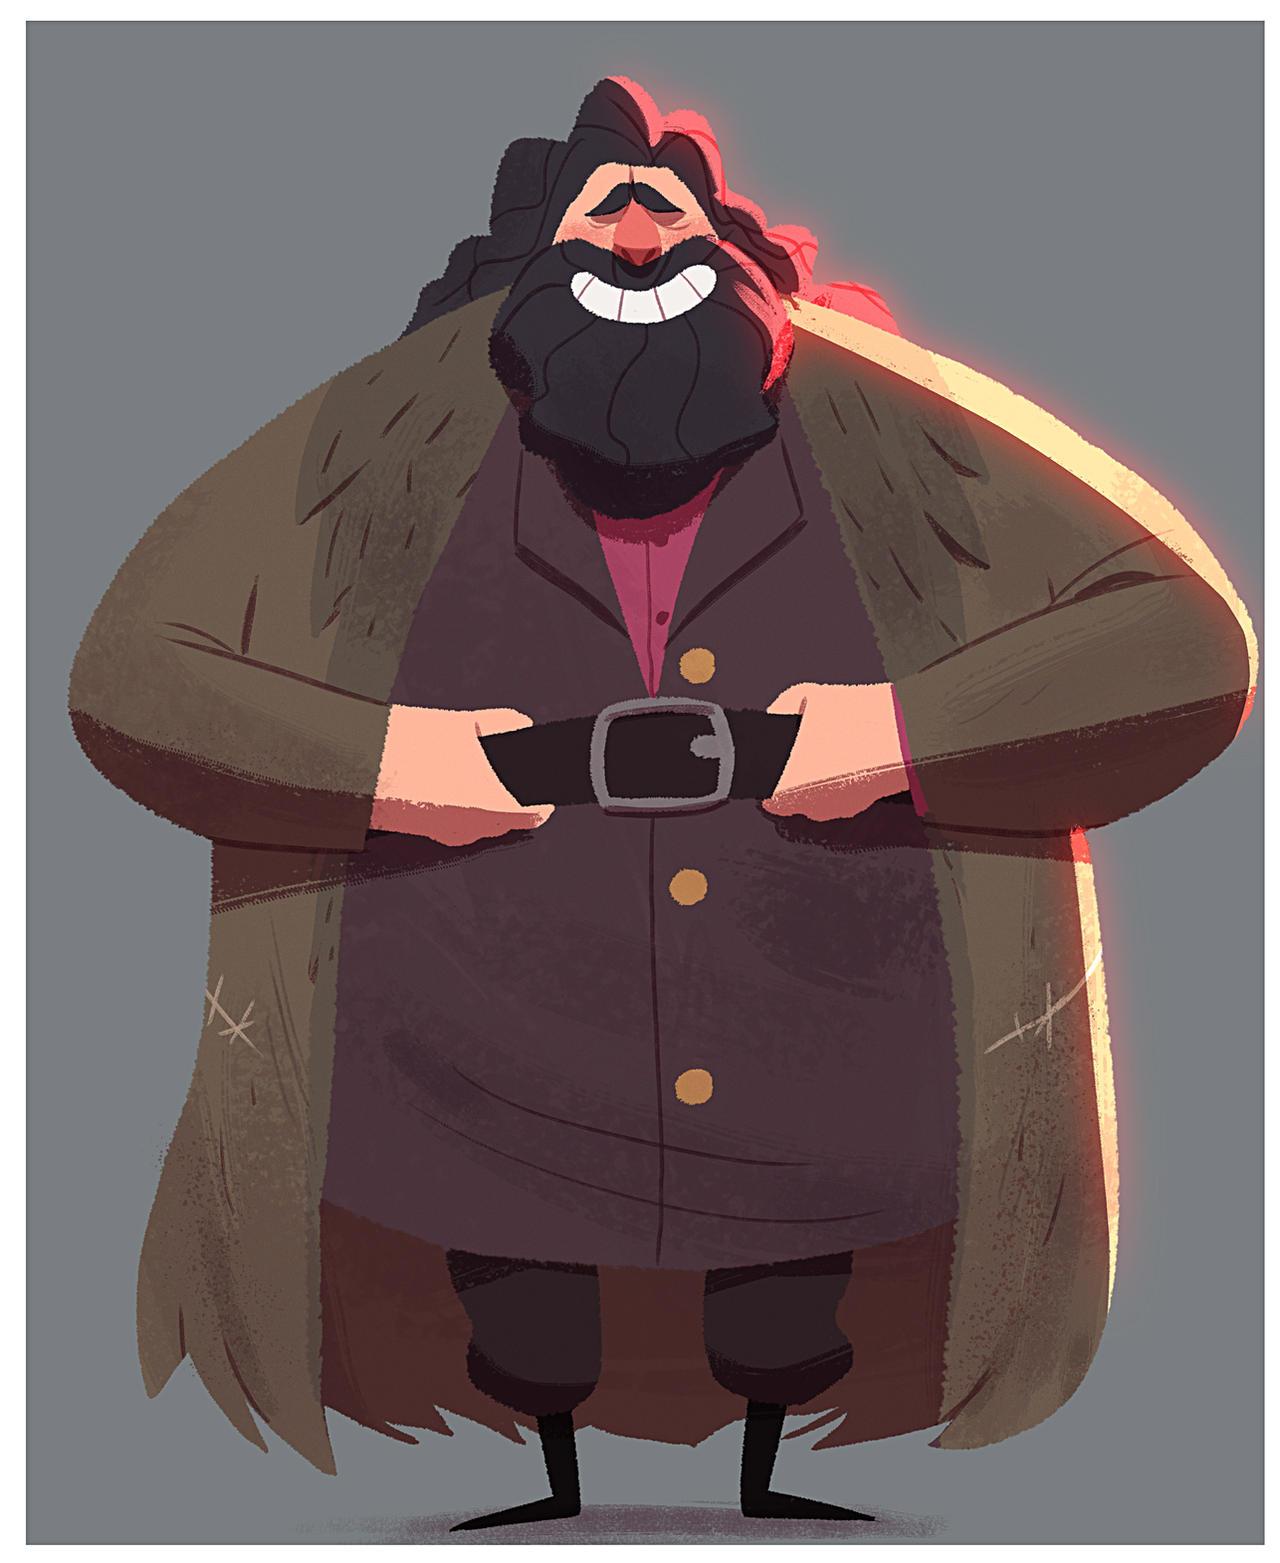 Hagrid by RaynerAlencar